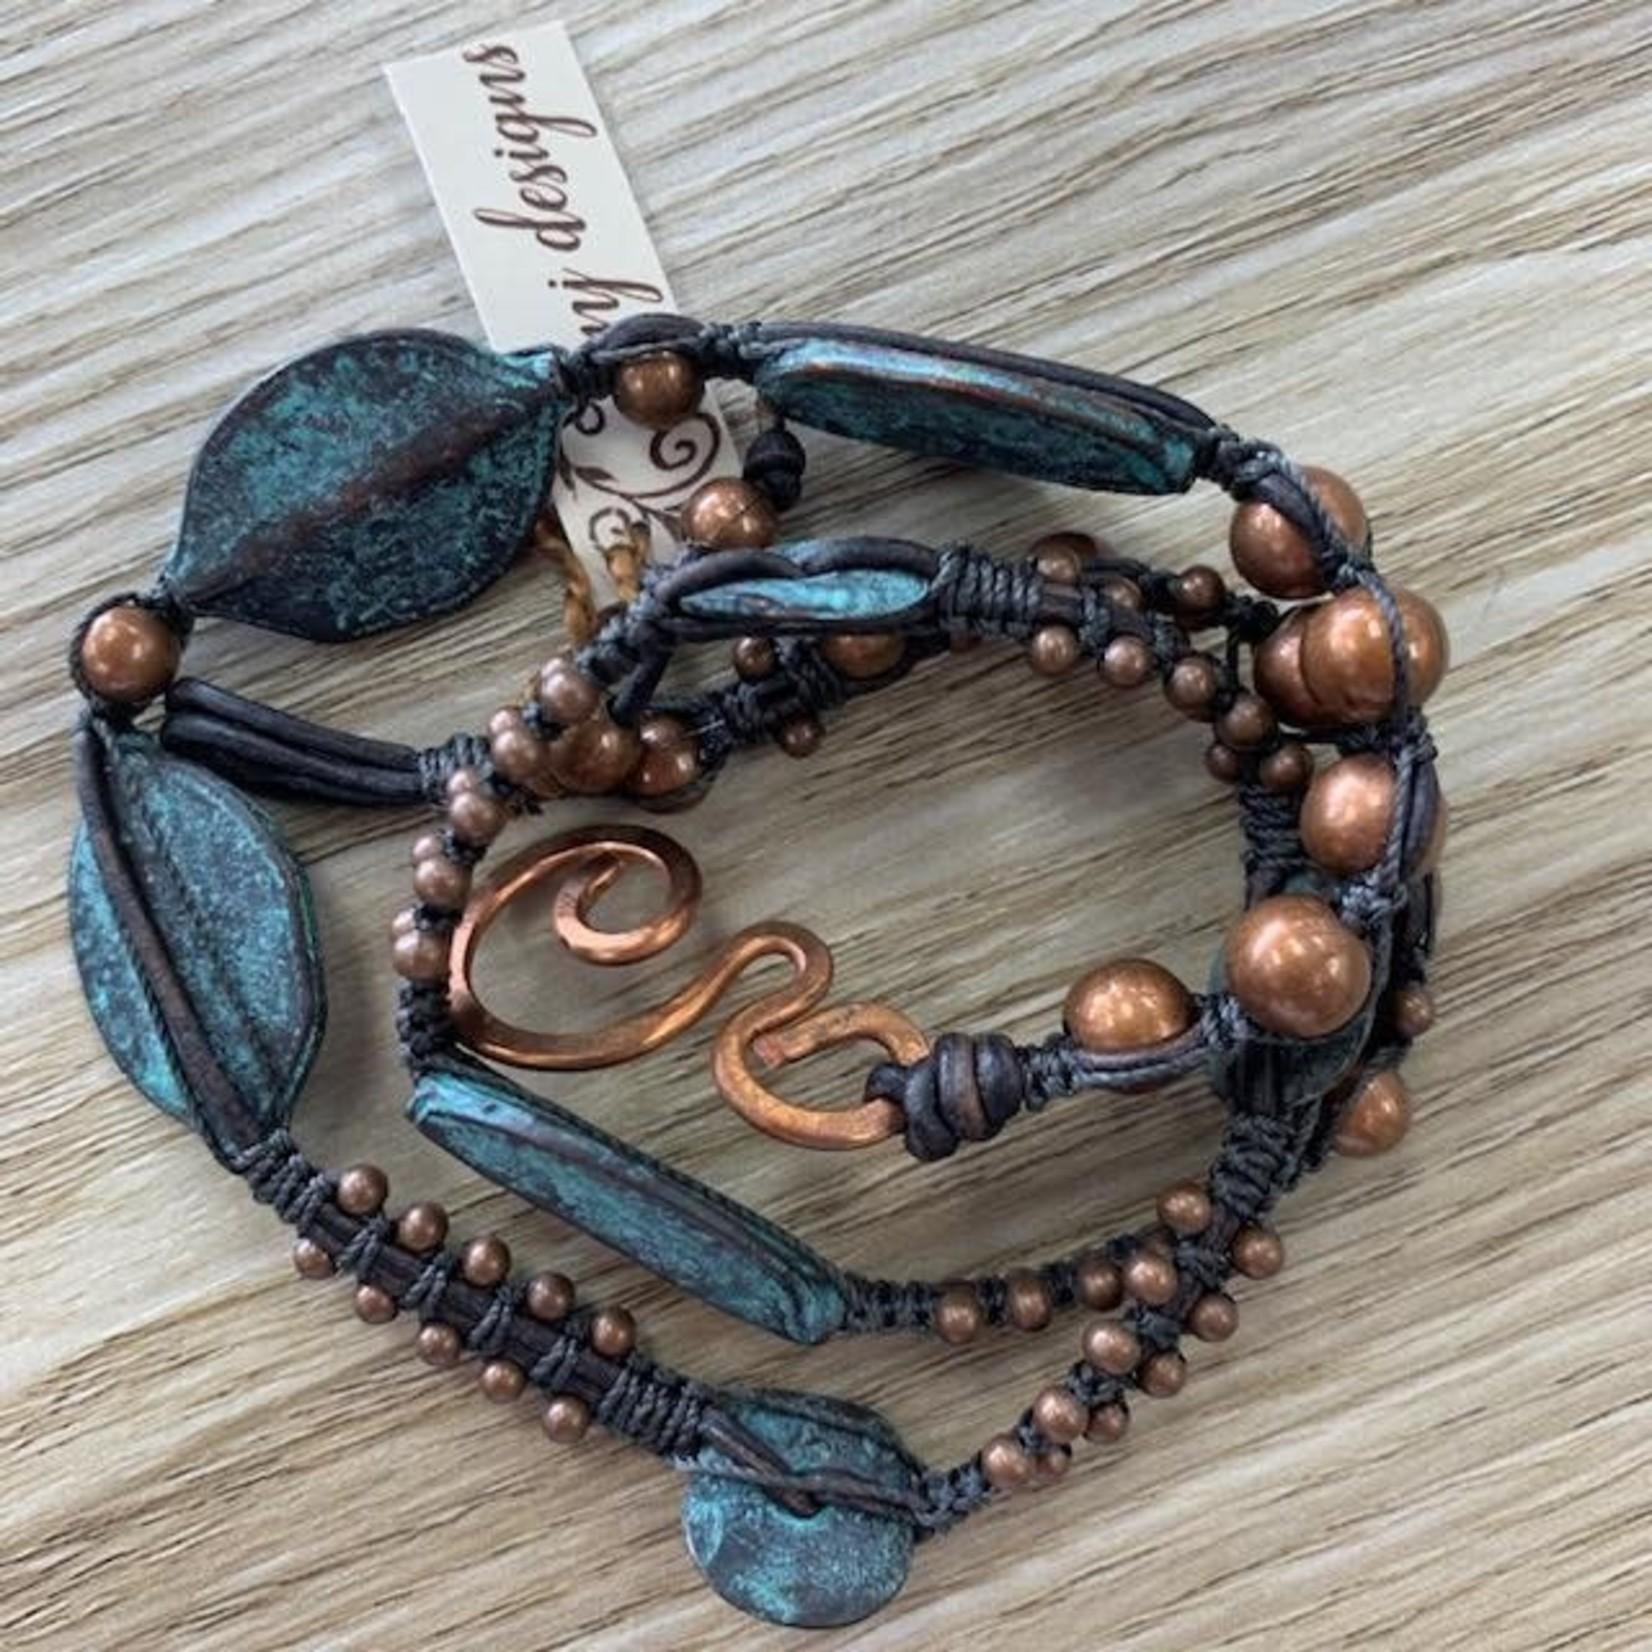 Julia Jones JMJ 720-14 3x wrap bracelet with leaves